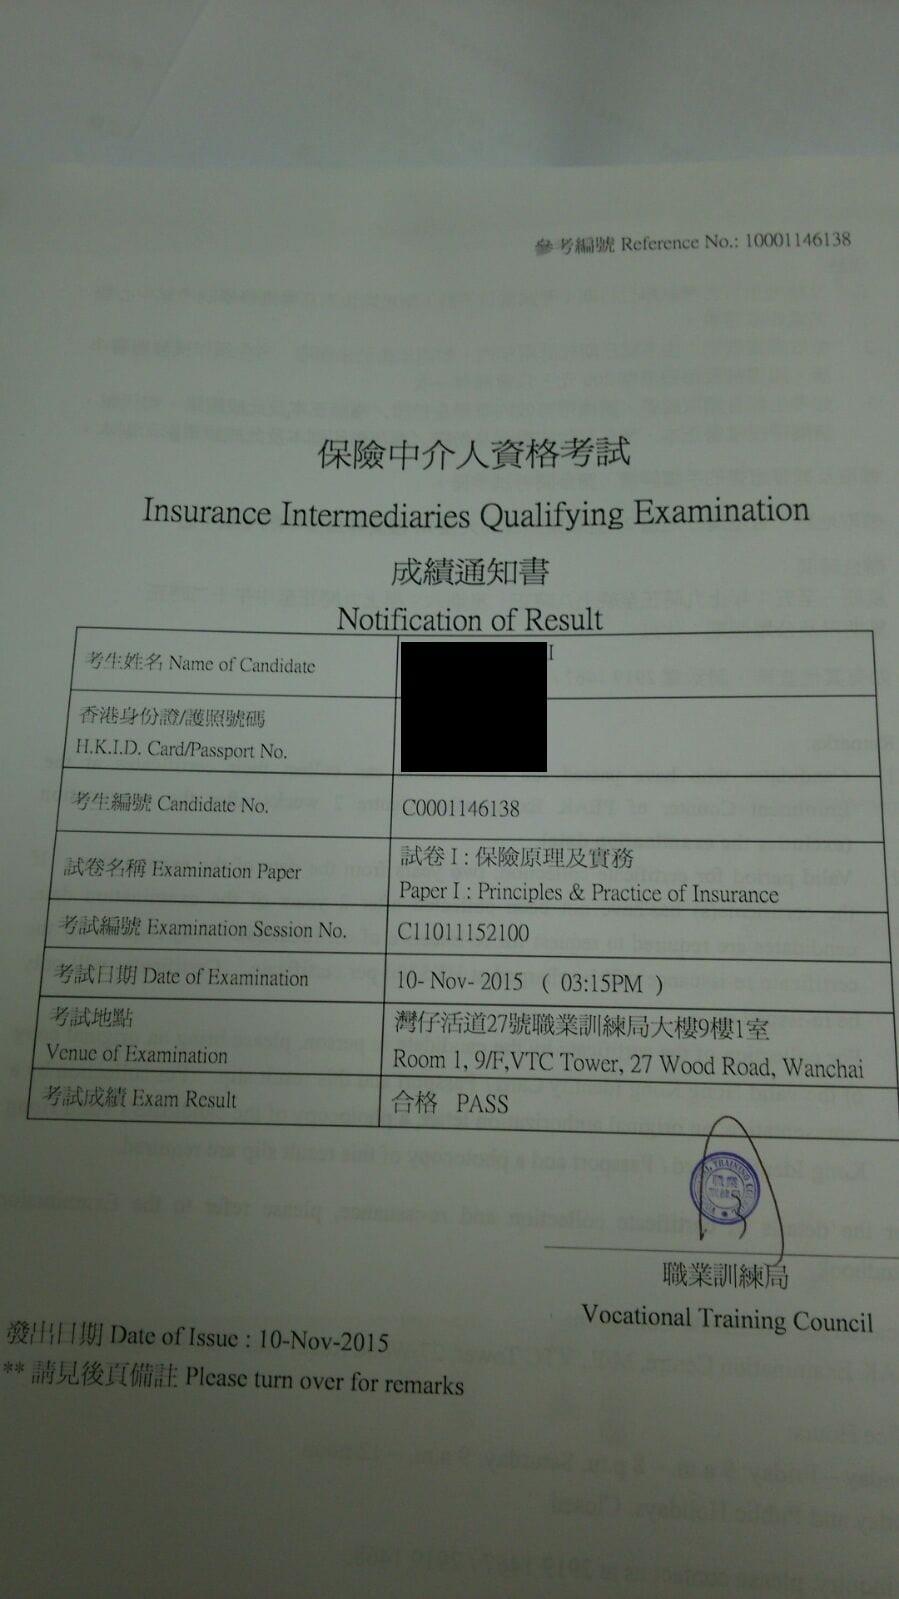 Waifaikwan 11/11/2015 IIQE Paper 1 保險中介人資格考試卷一 Pass - IIQE 保險中介人資格考試模擬試題 Pass Paper